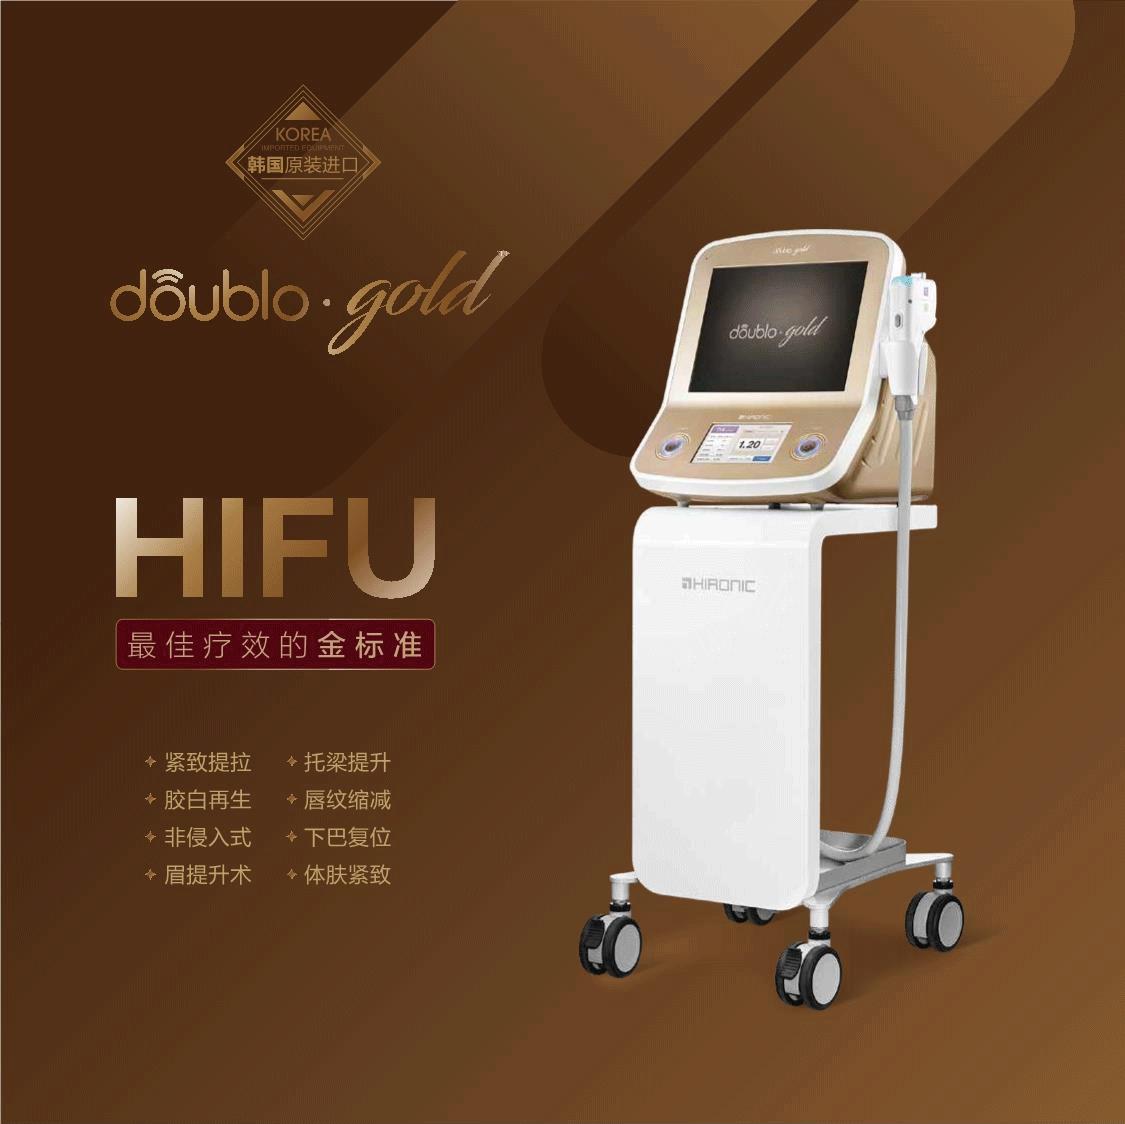 HIFU机器